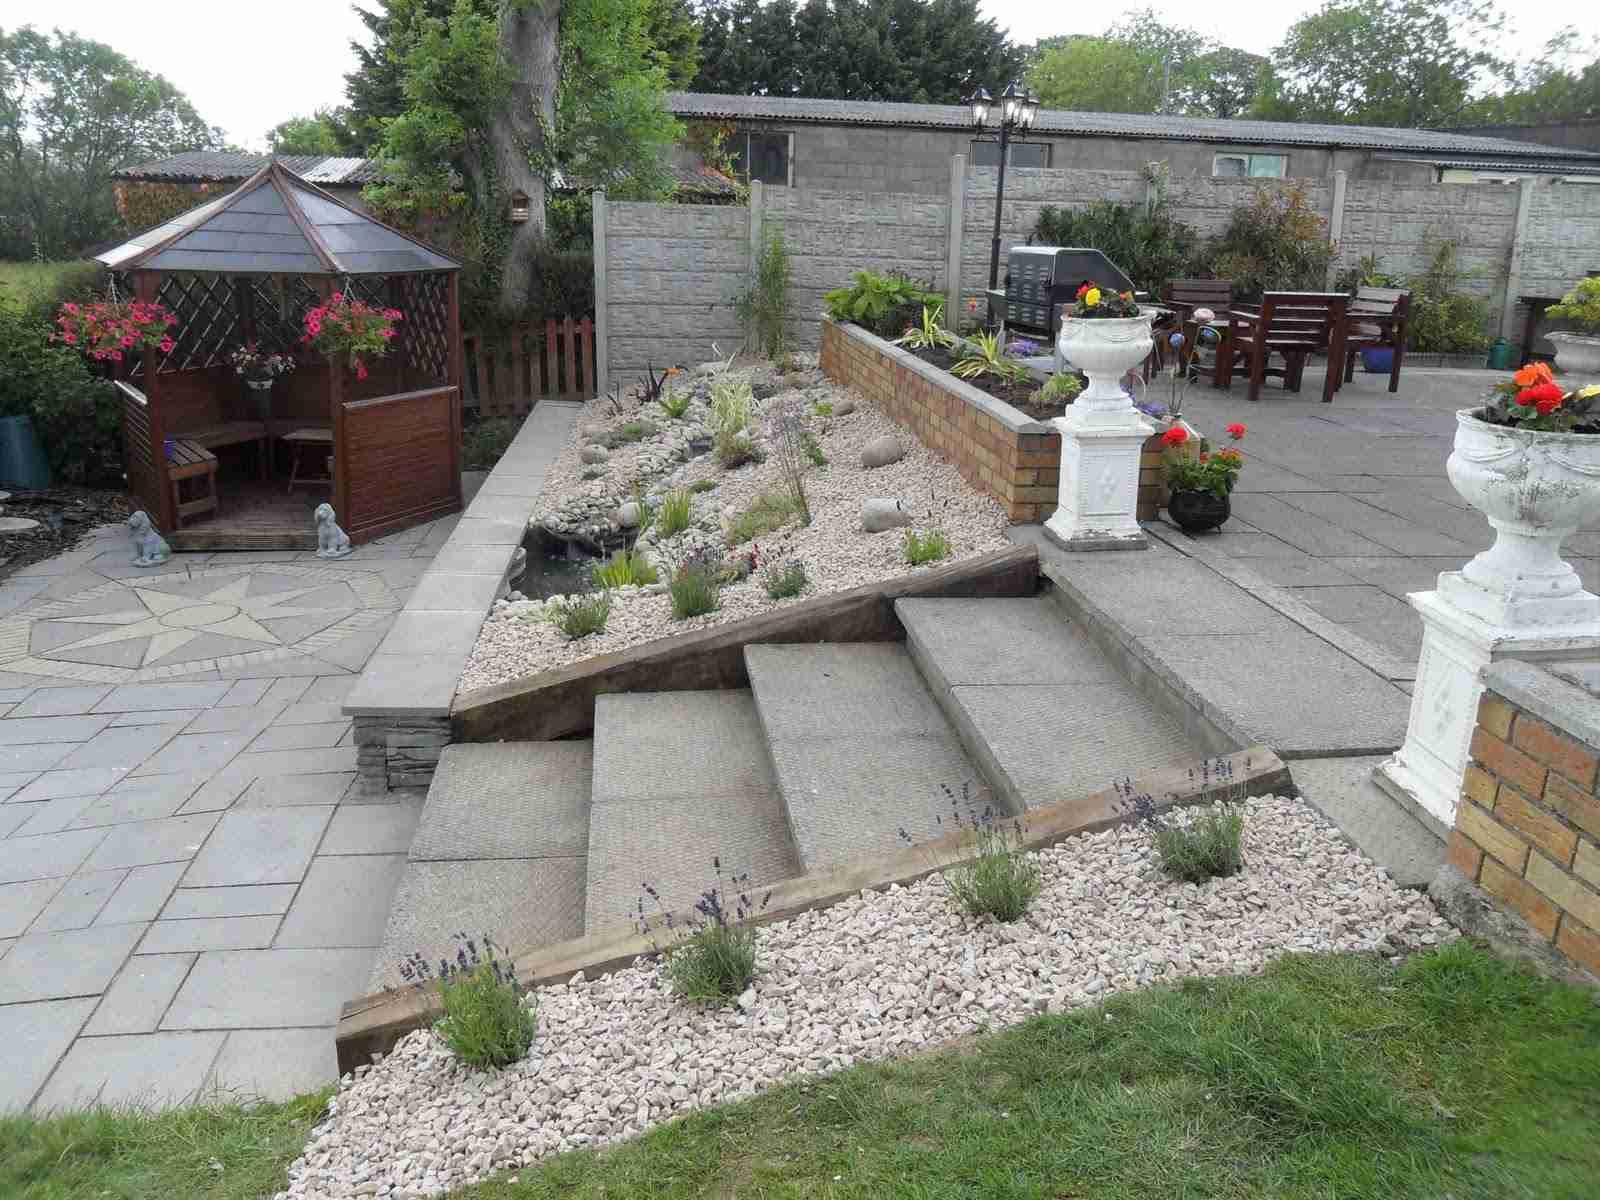 Pond design & Landscaping ,remodeling of a garden pond ...